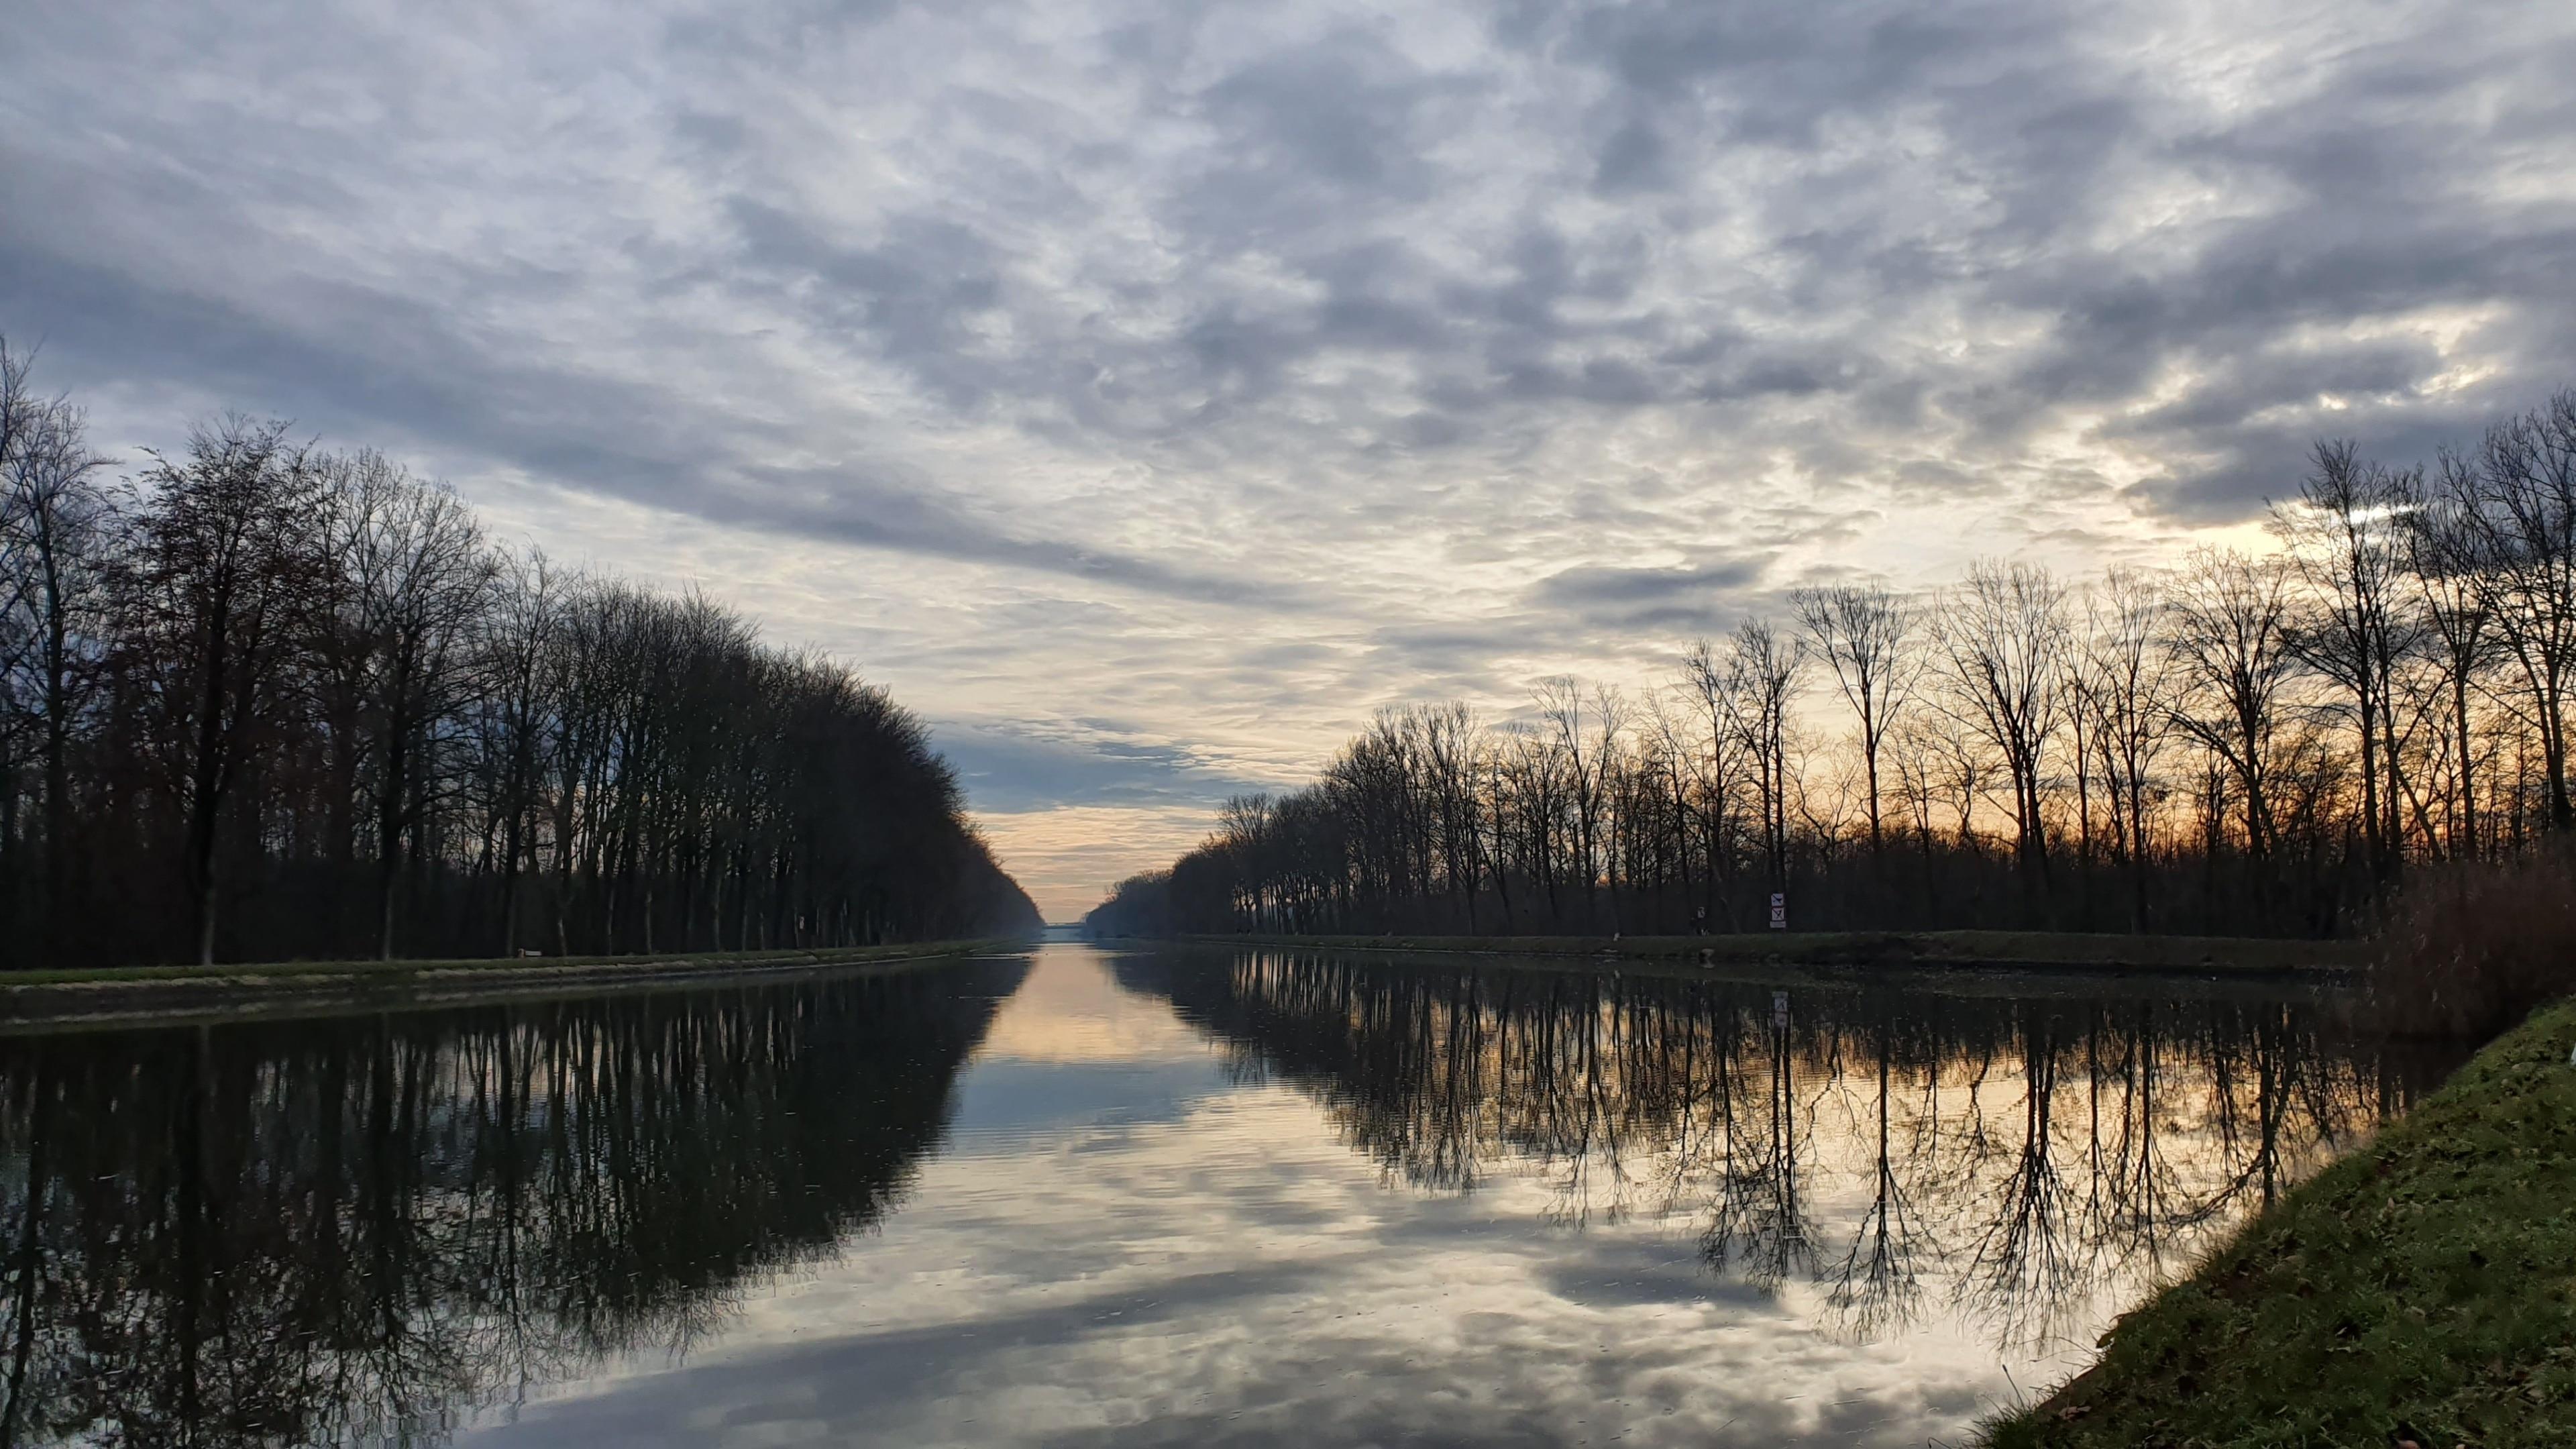 Maasland, Bezirk Flandern, Belgien